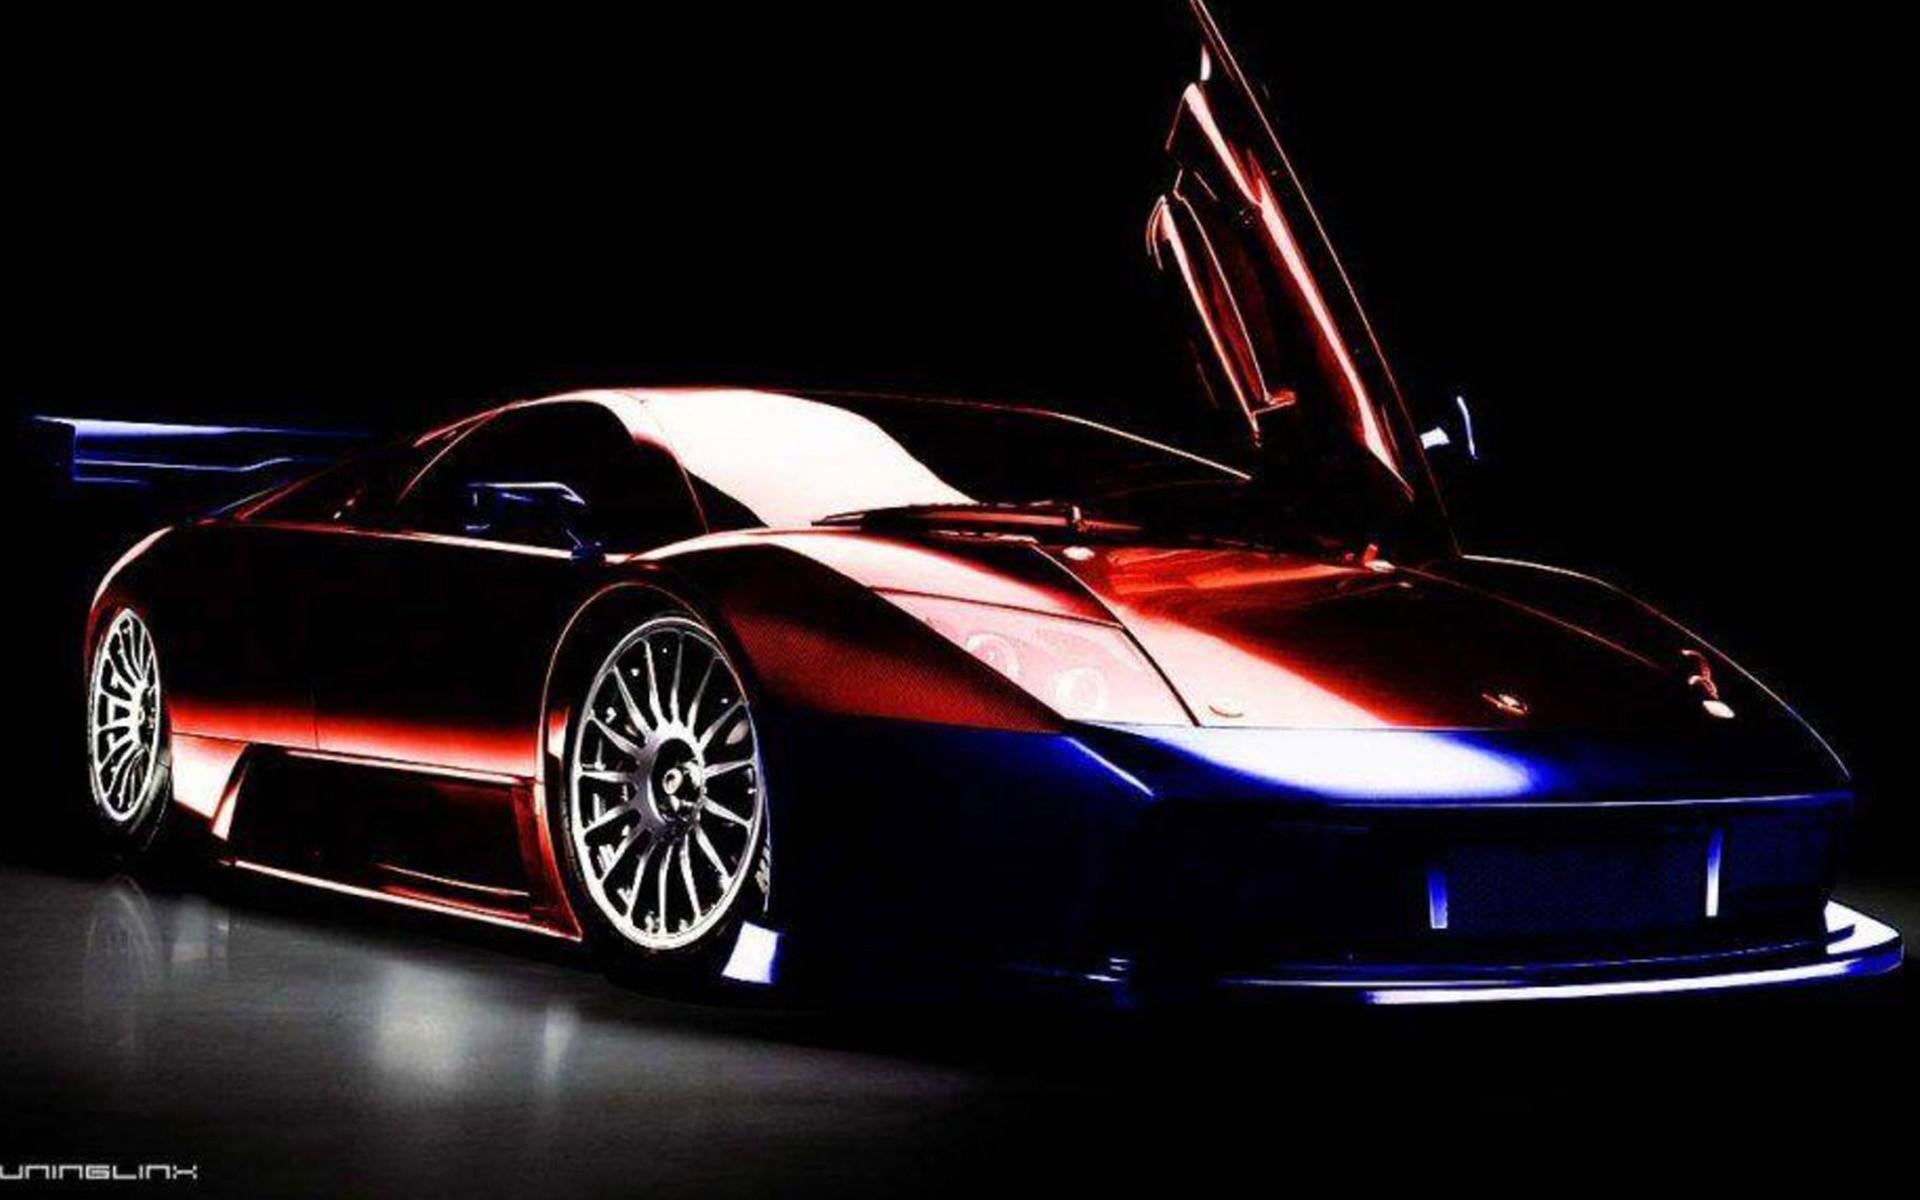 1920x1080 Ferrari Super Car Concept Hd